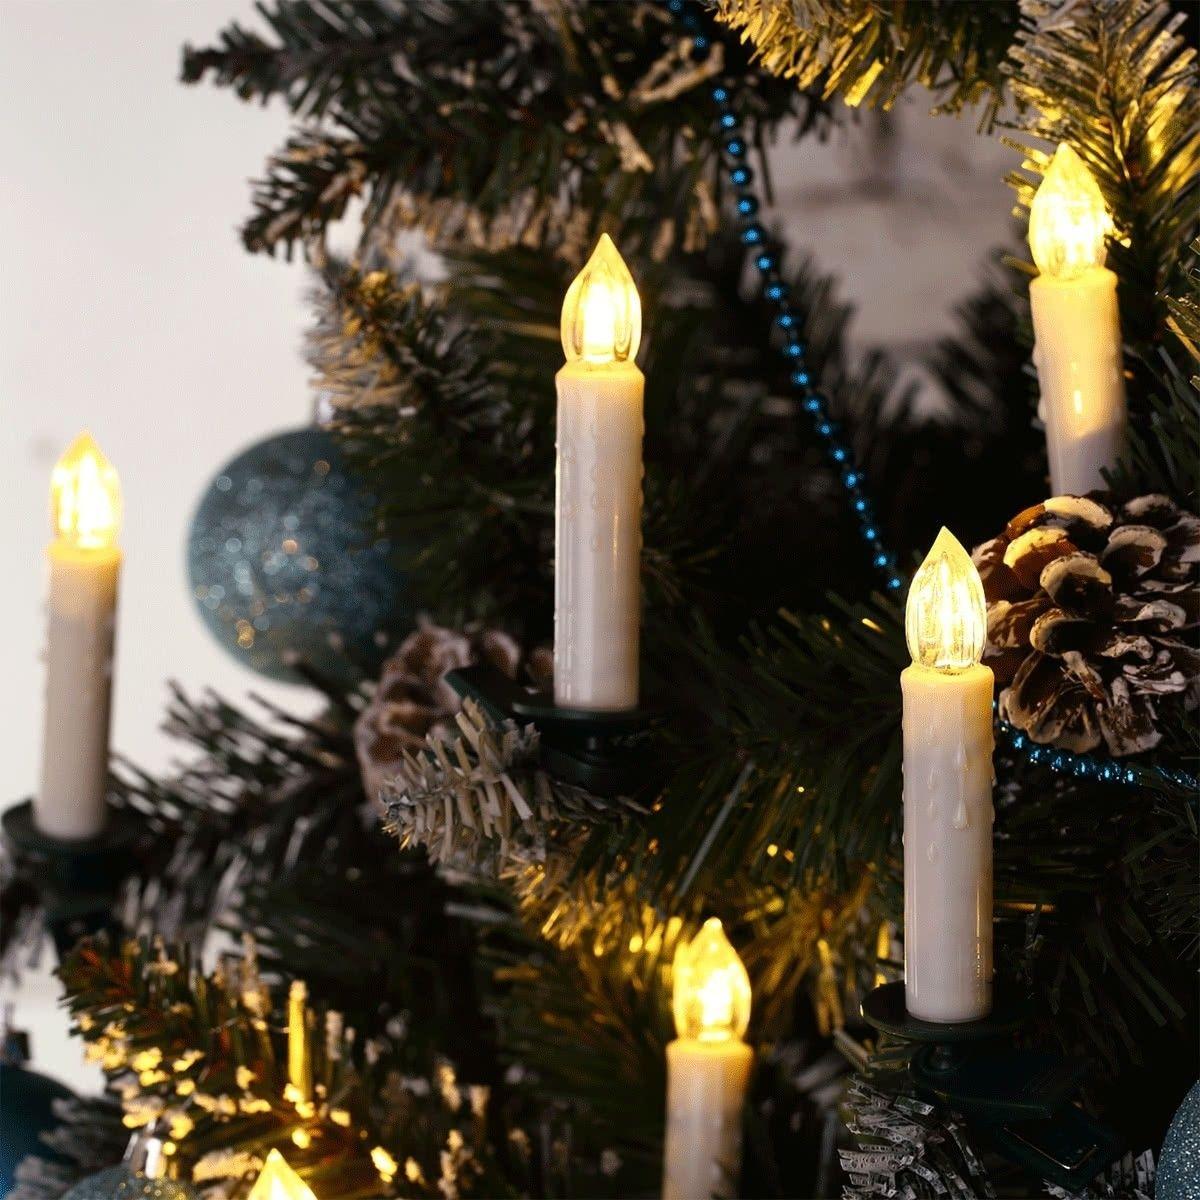 Kabellose Led Weihnachtskerzen Ip44 Wasserdicht Warmweiss Dimmbar